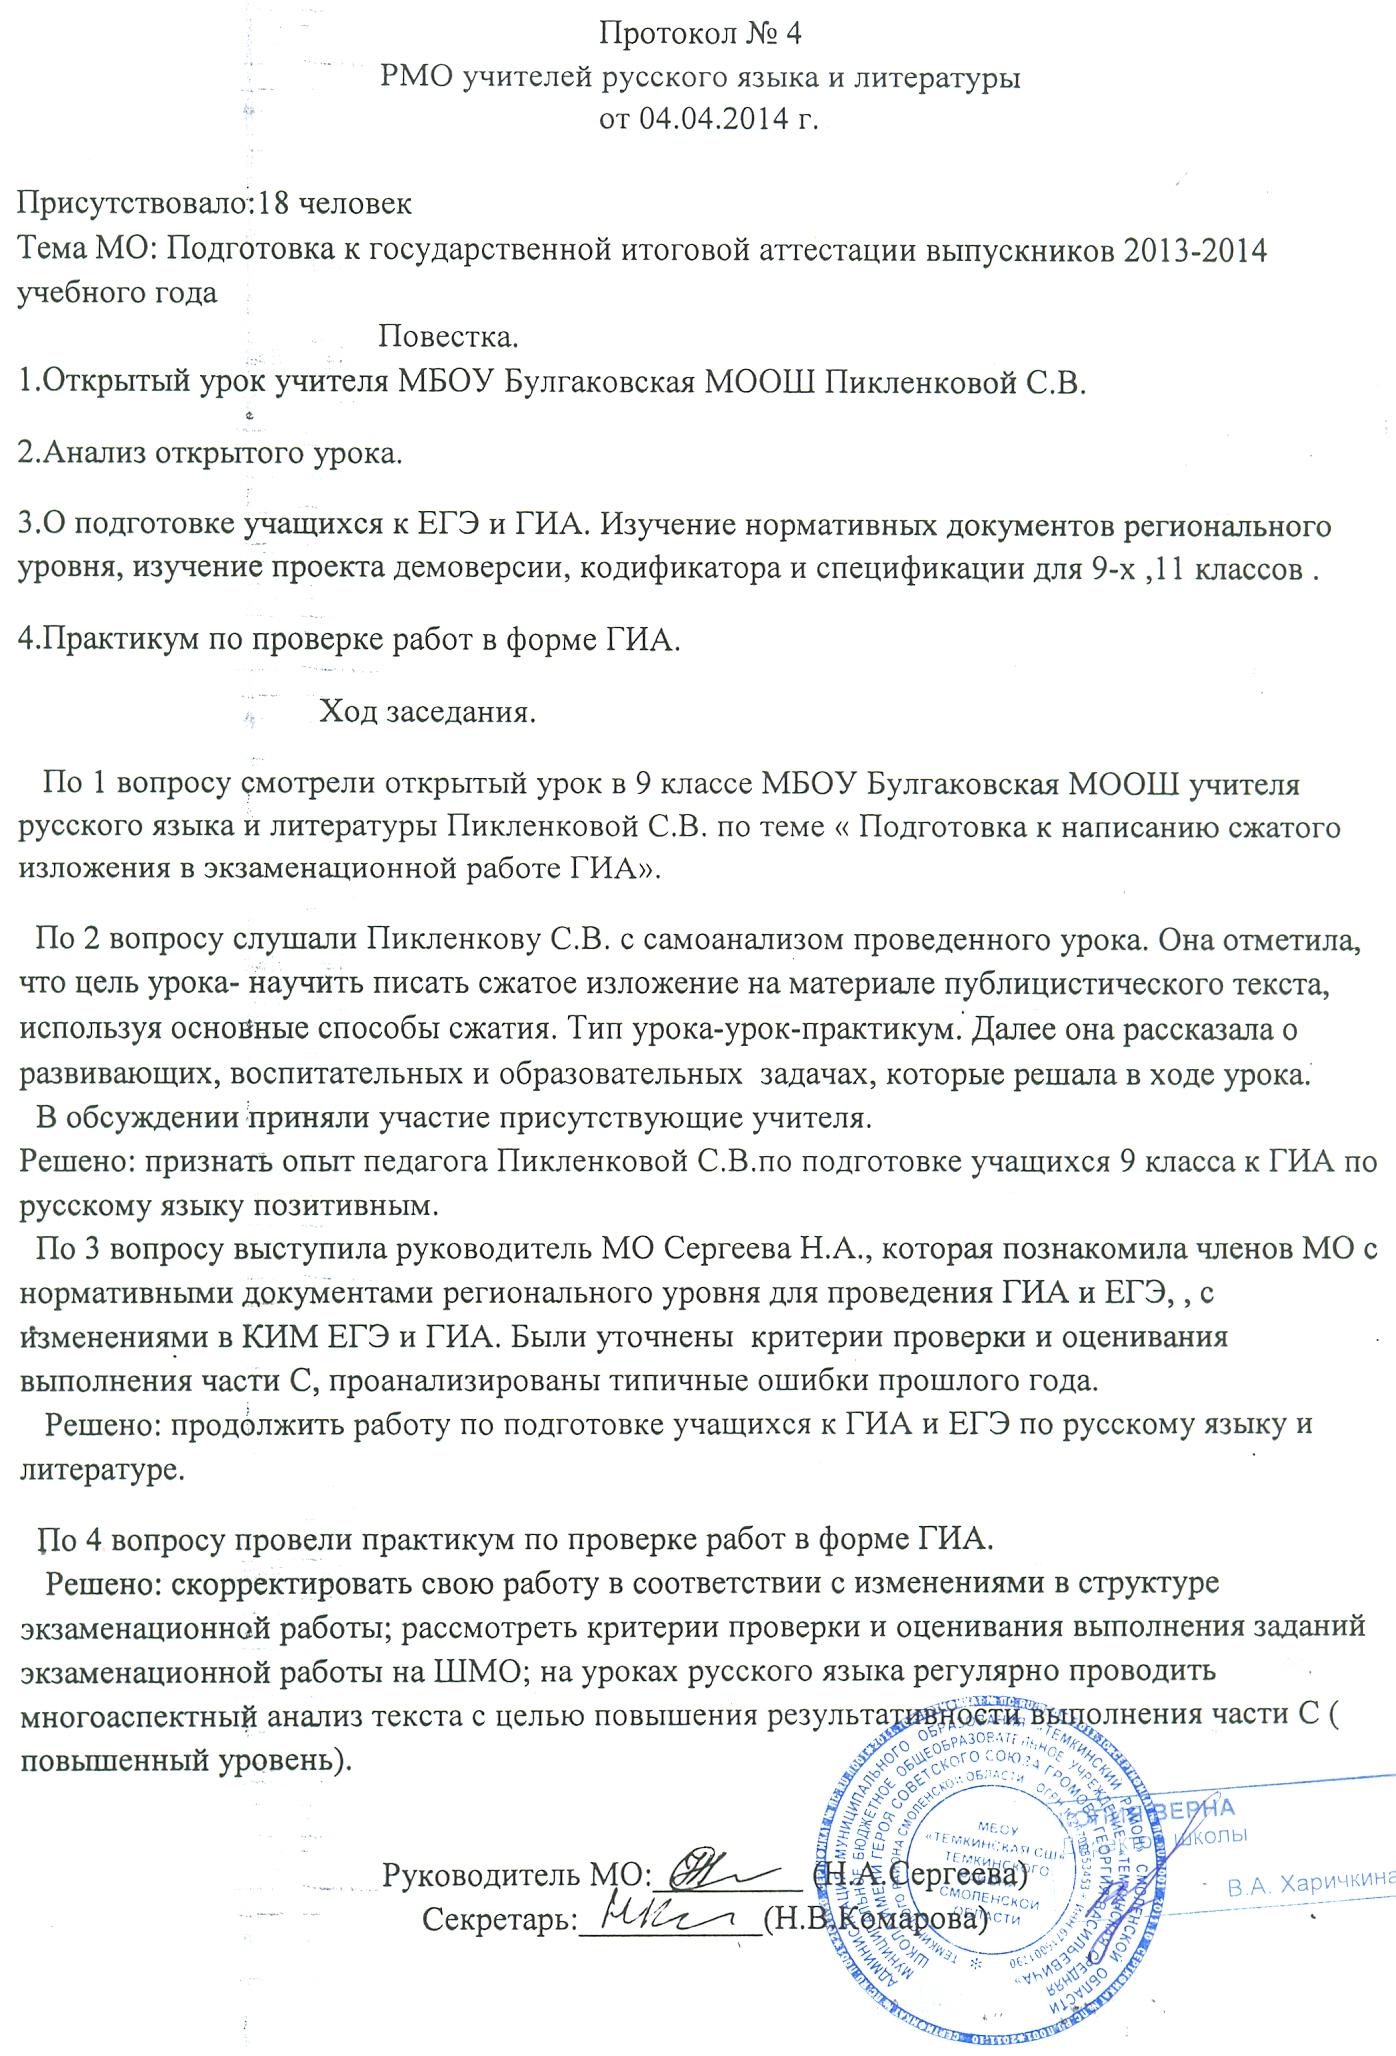 hello_html_m10bf1b5.jpg